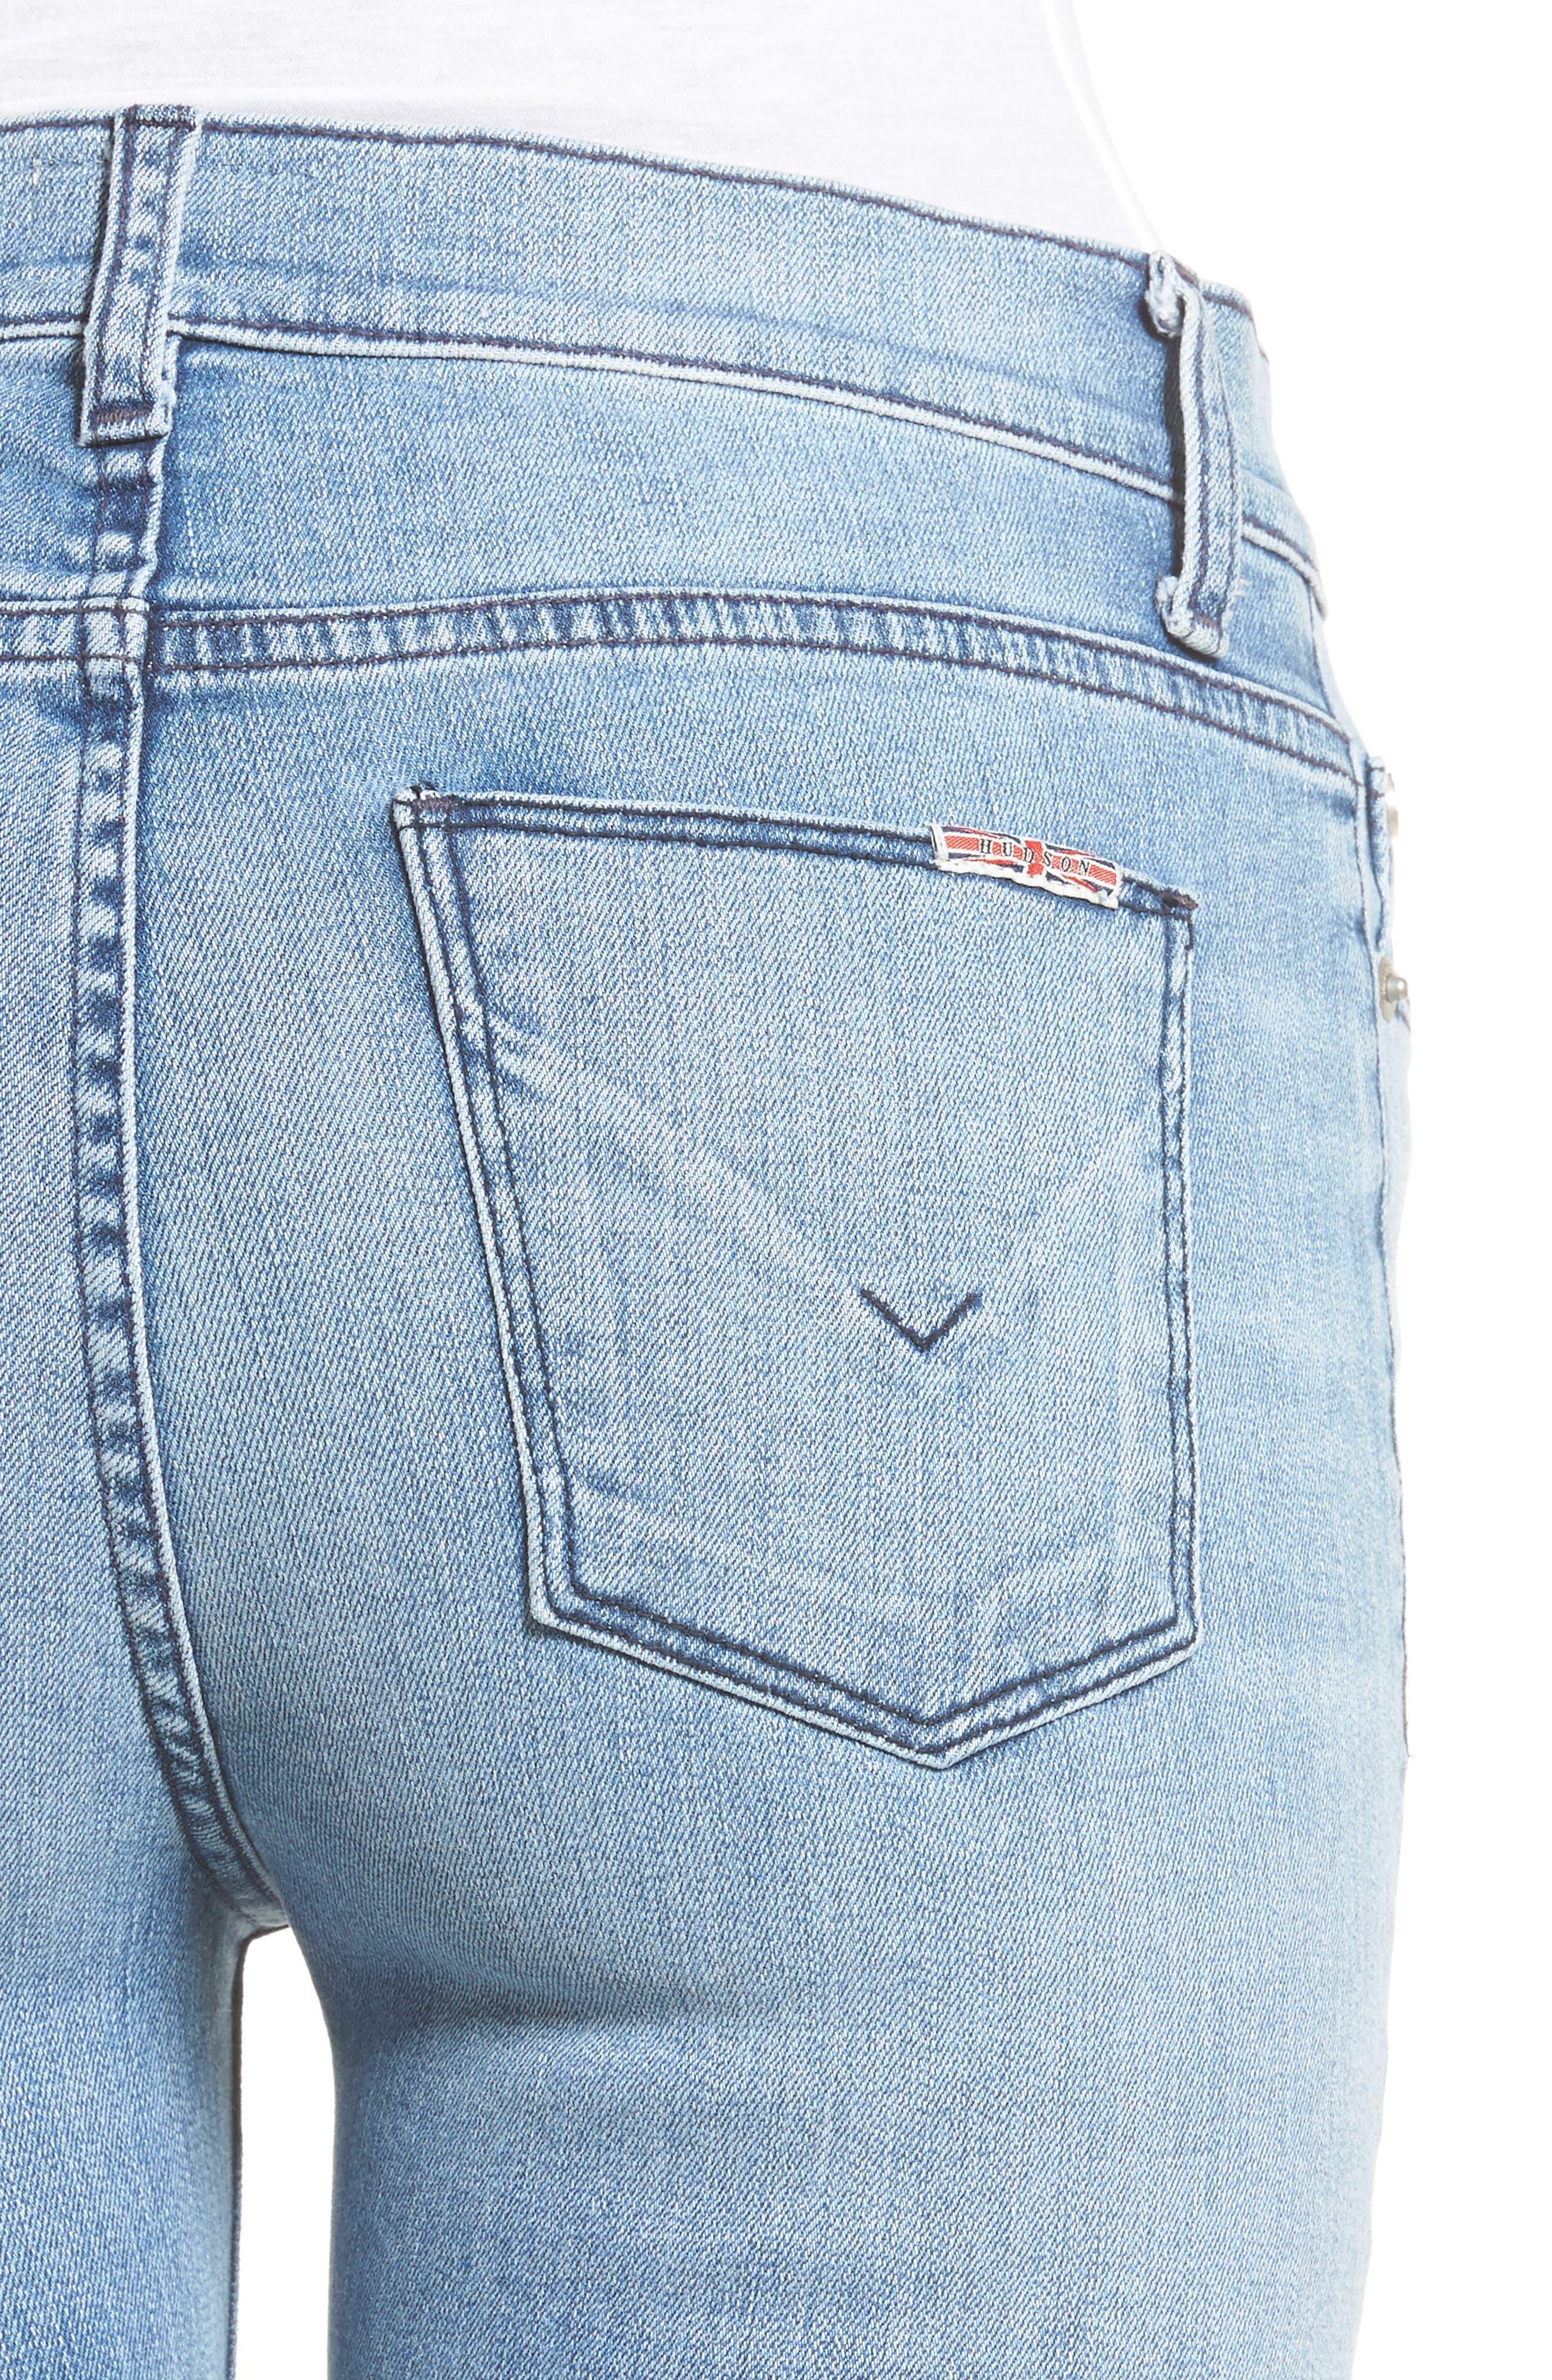 Alternate Image 4  - Hudson Jeans Ciara High Waist Skinny Jeans (Shotgun)